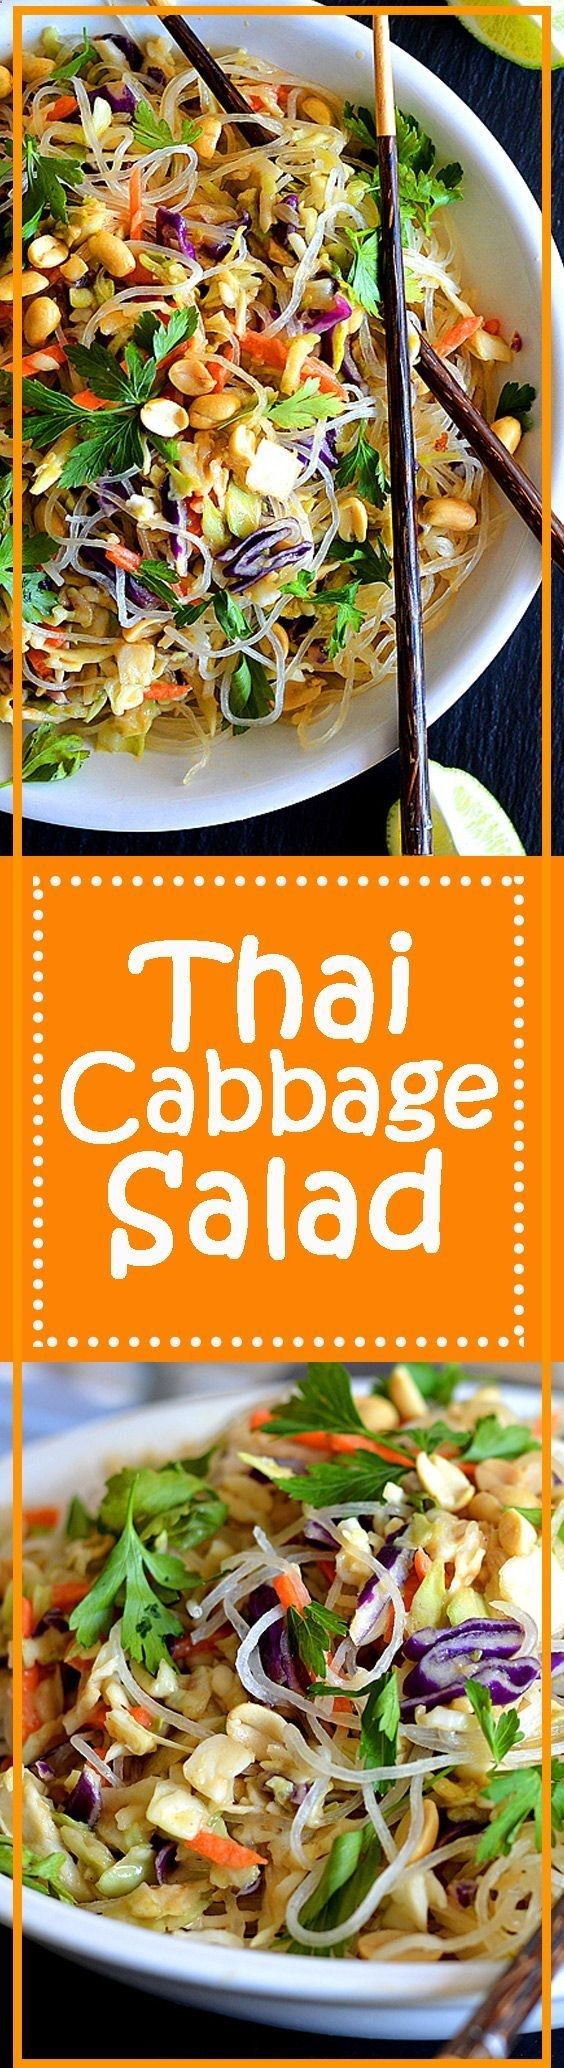 Thai Cabbage Salad